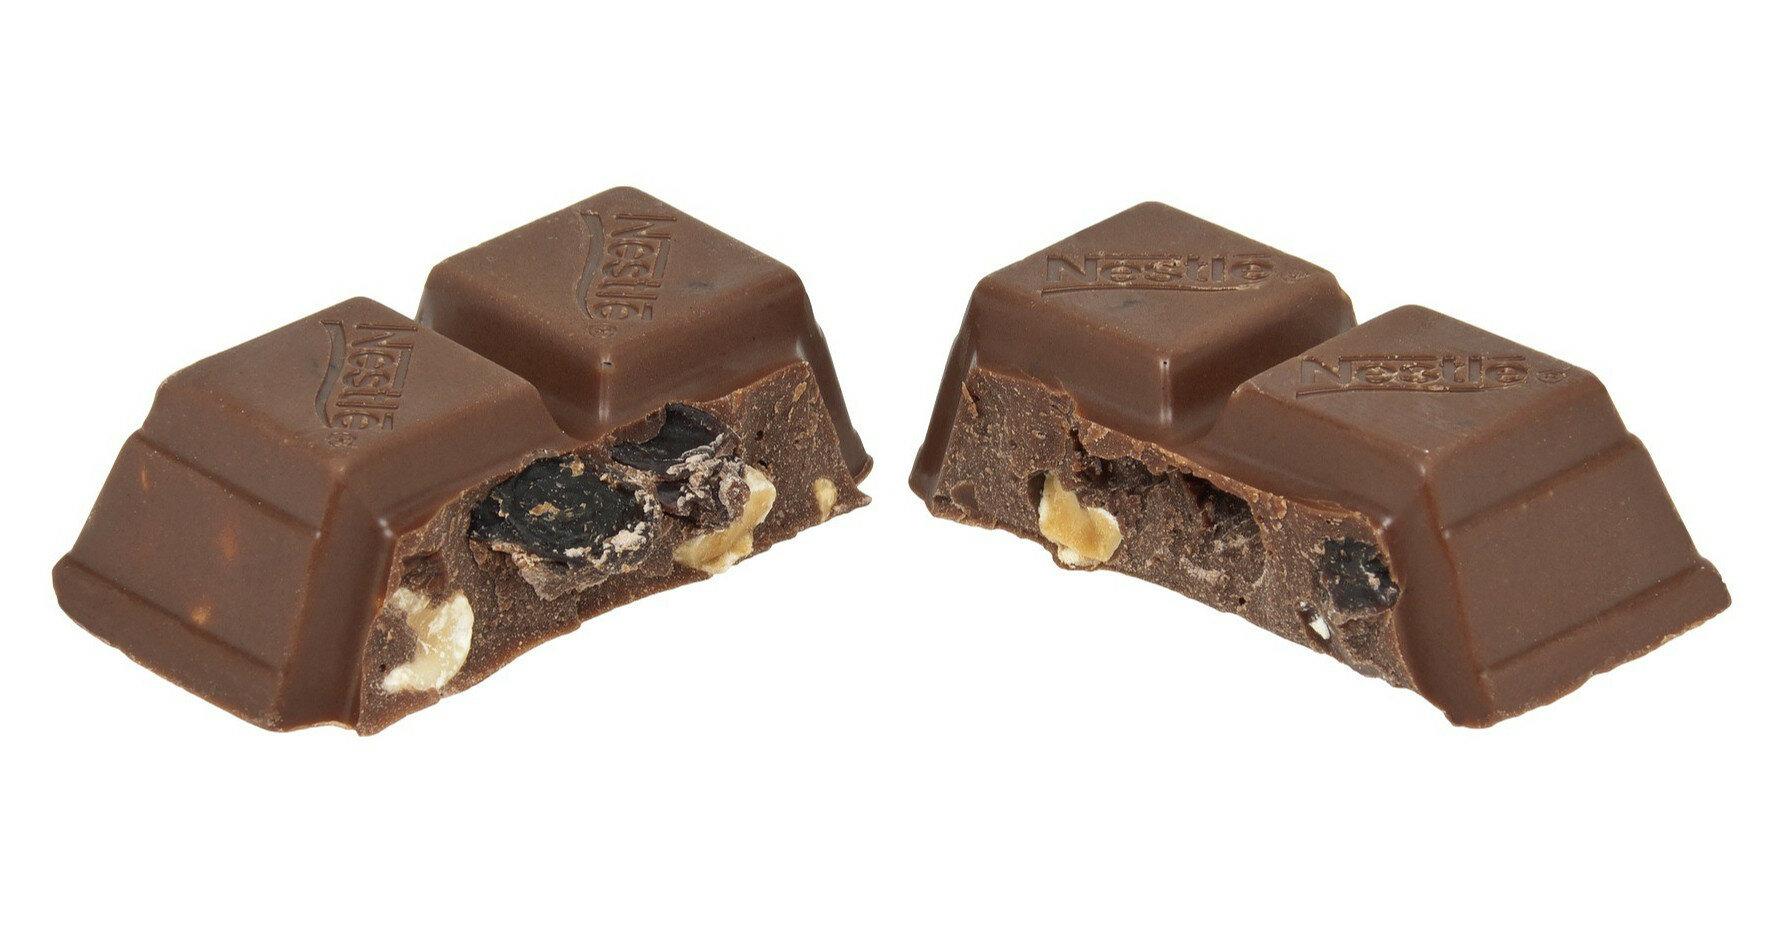 Nestle призналась в производстве нездорового питания